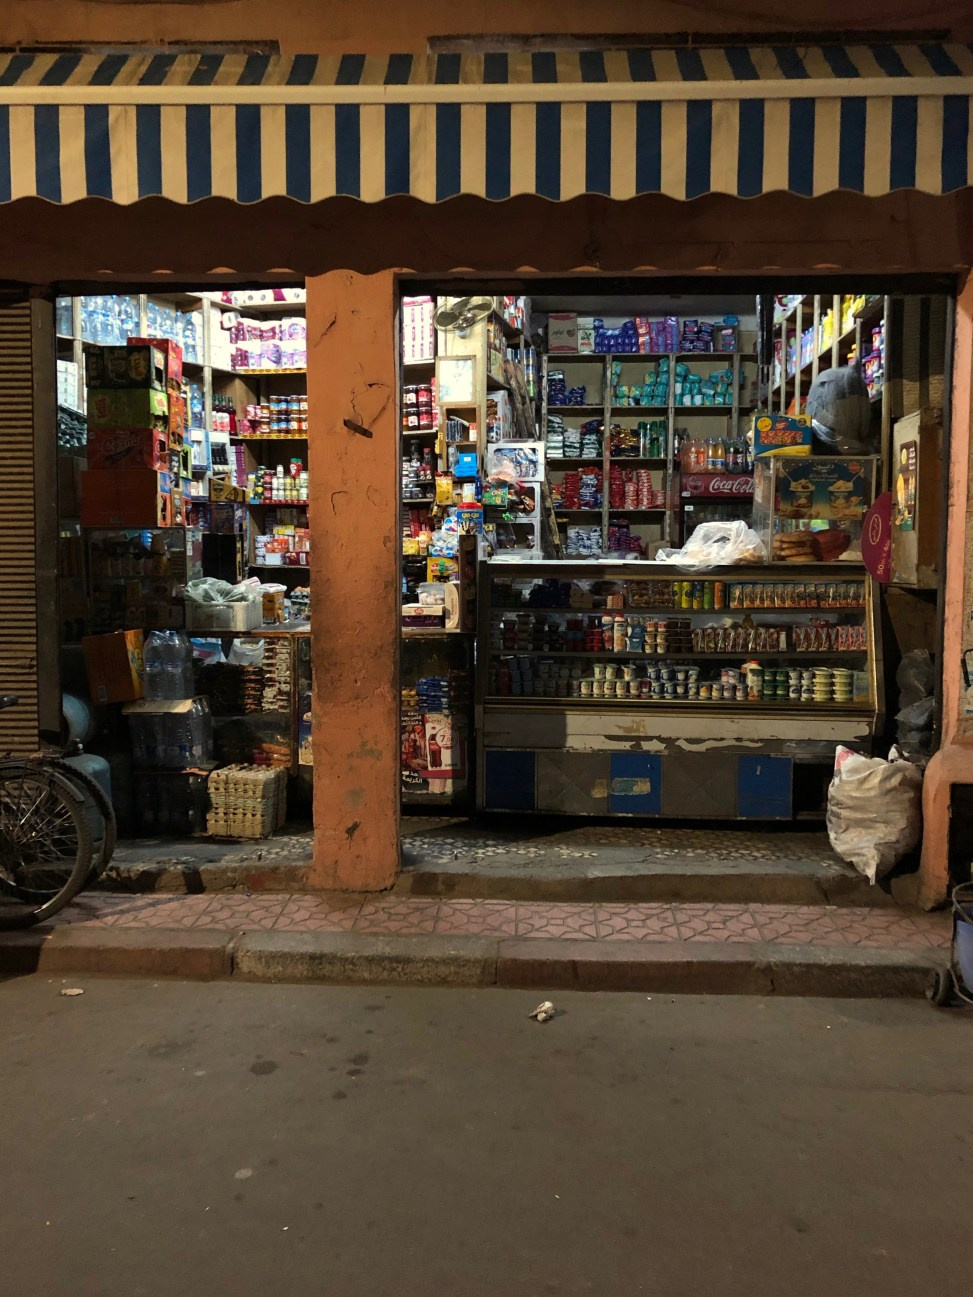 Marrakesh City in Morocco - Old Medina